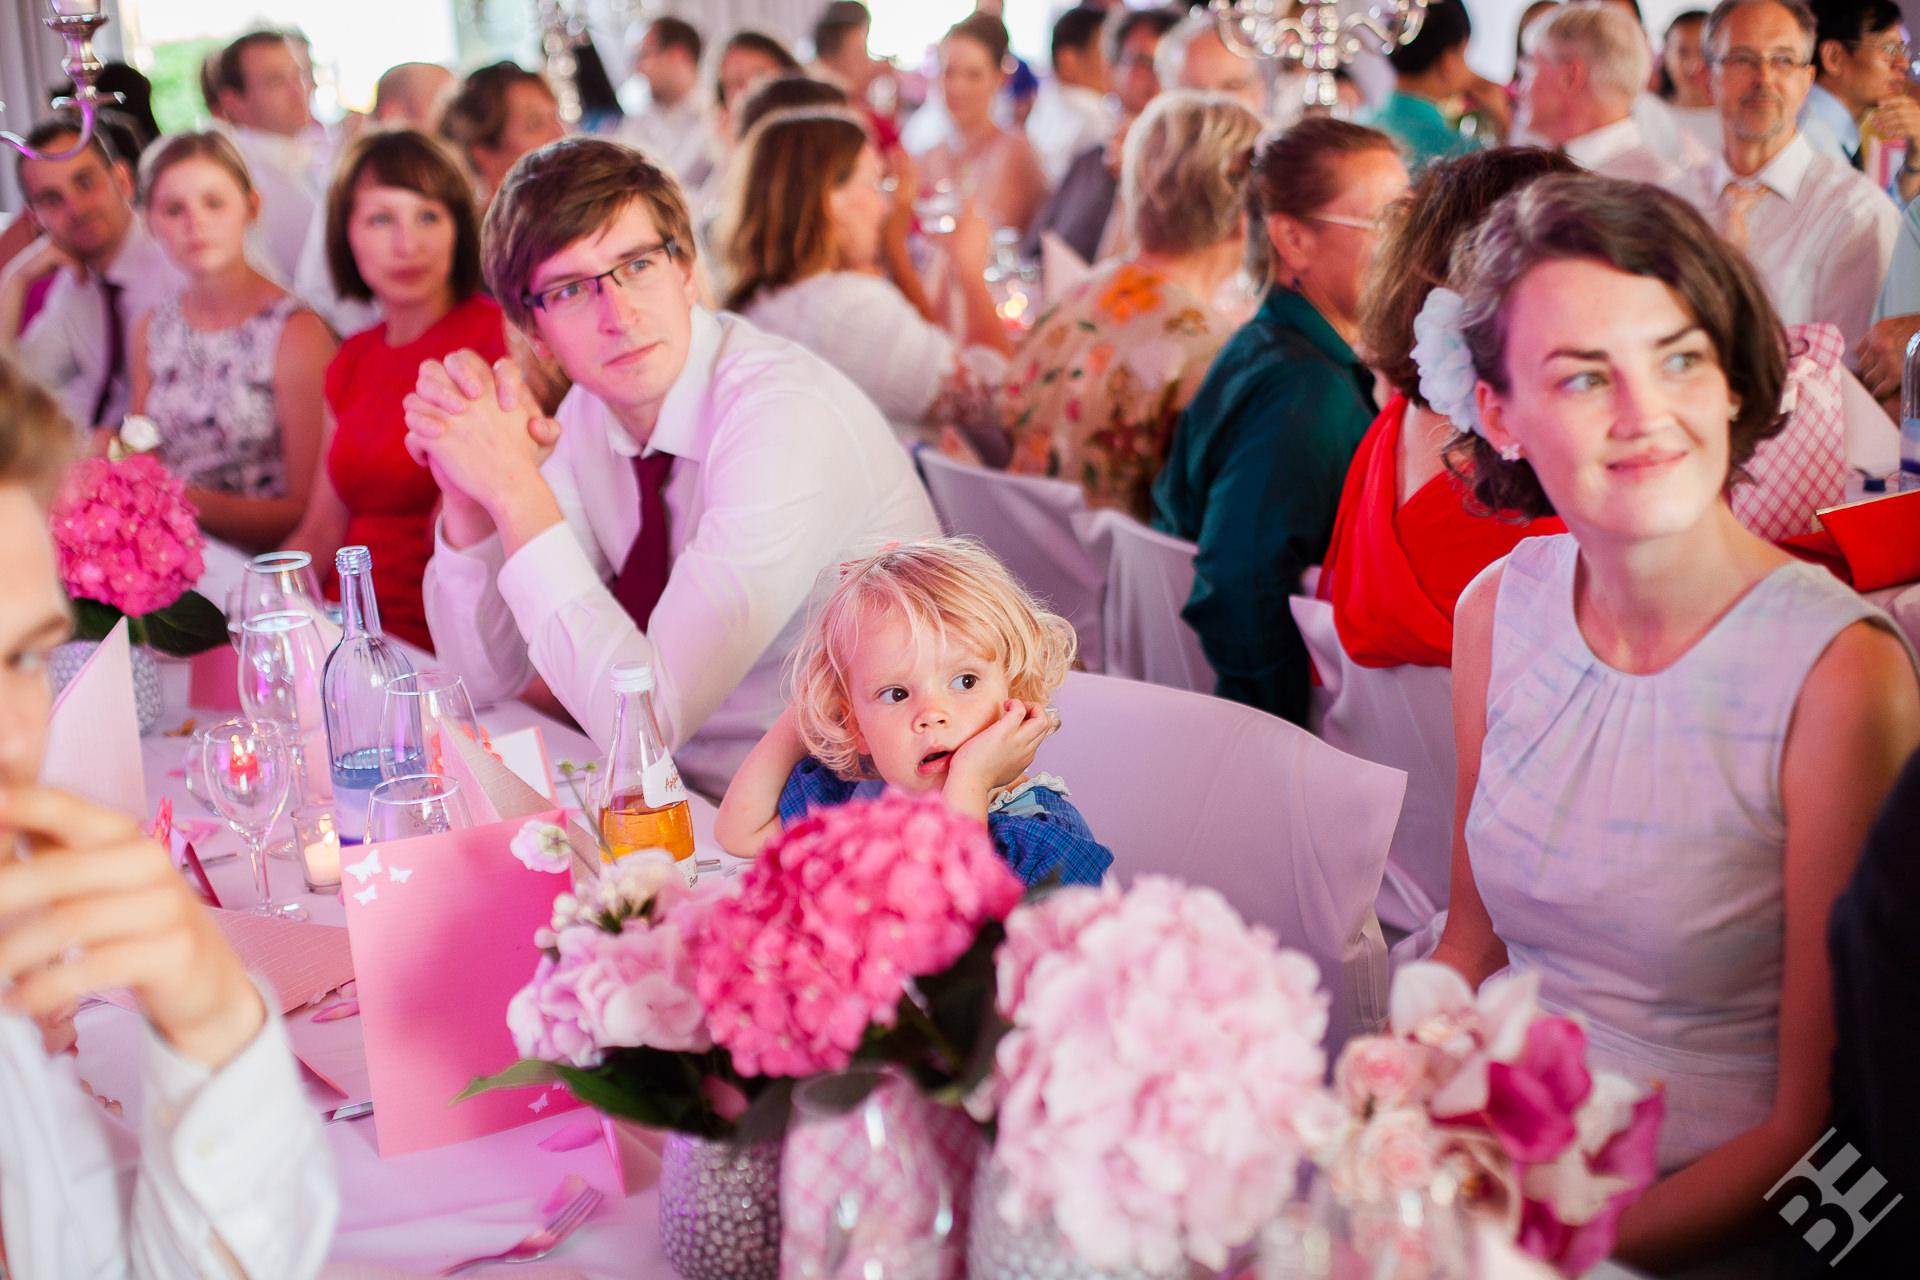 Hochzeit_86_IMG_0283-2_Volen_Evtimov